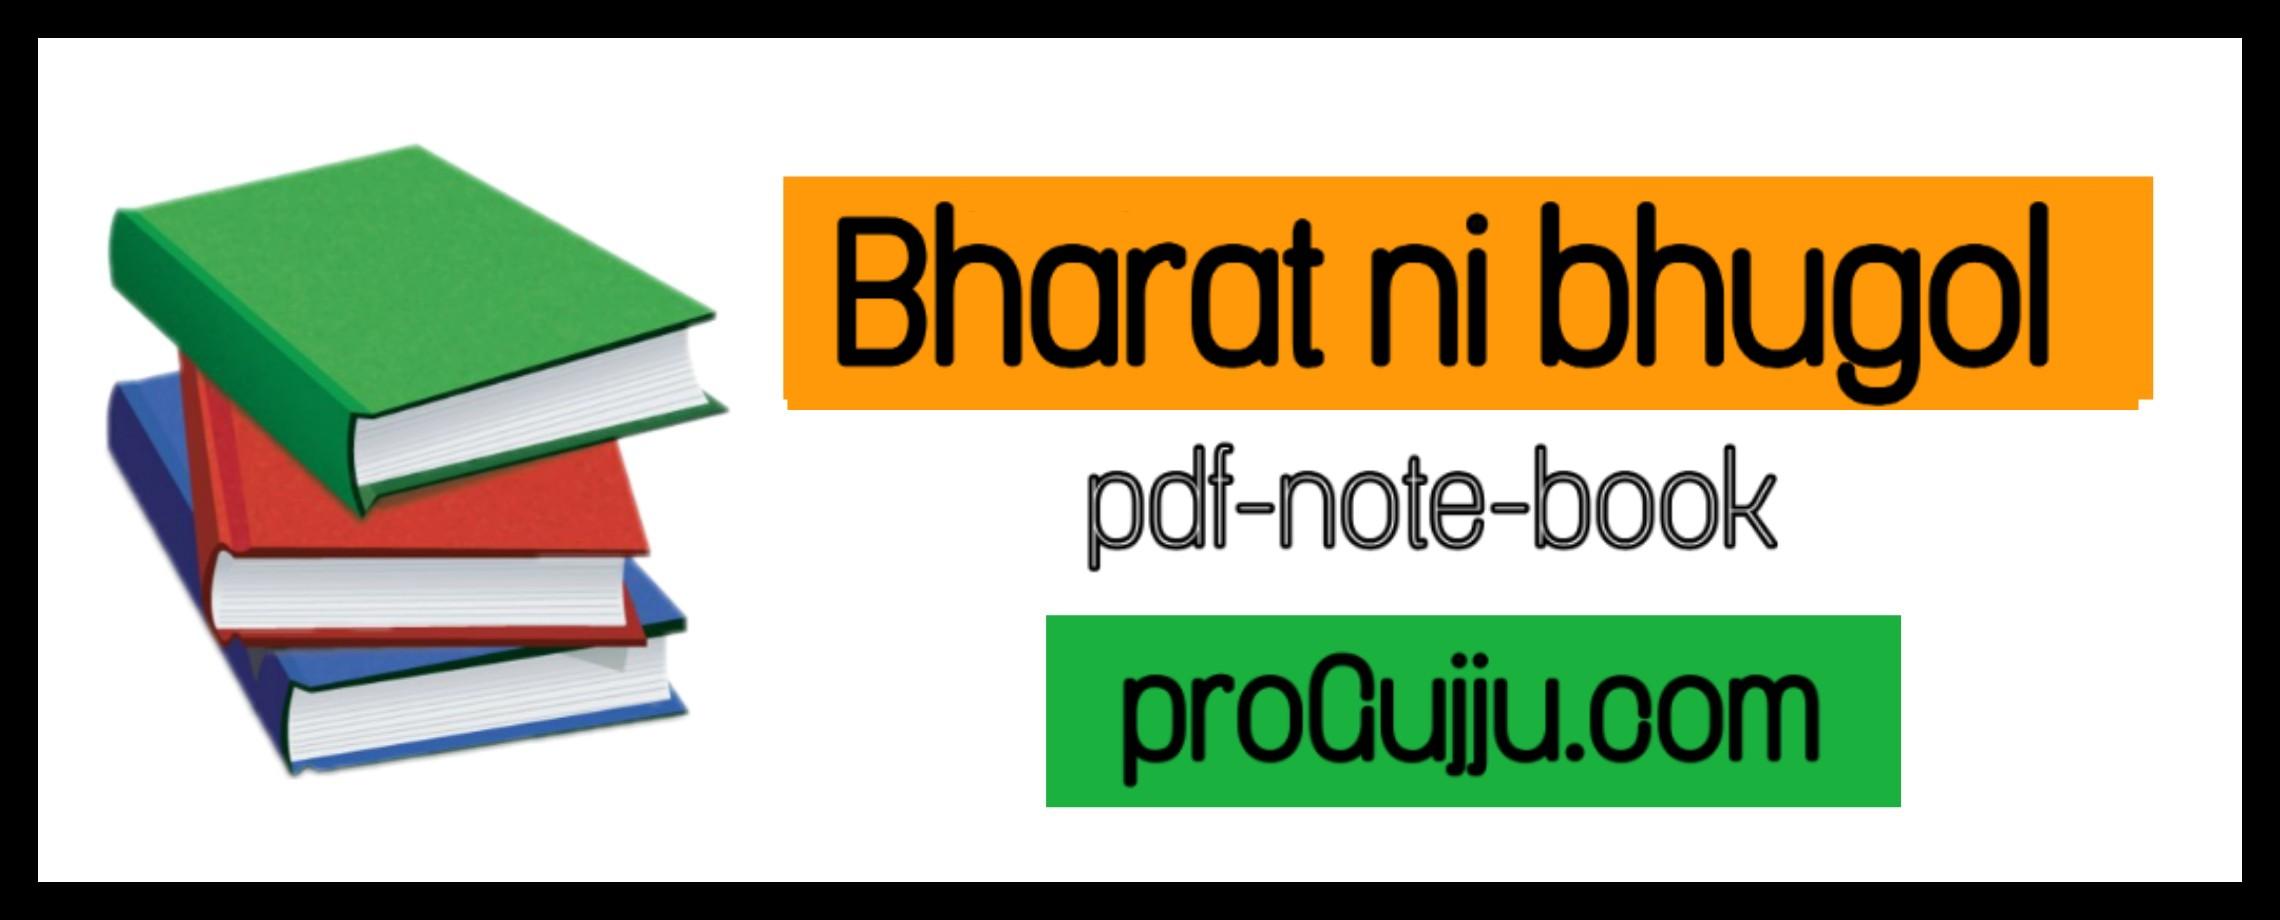 Bharat ni bhugol pdf